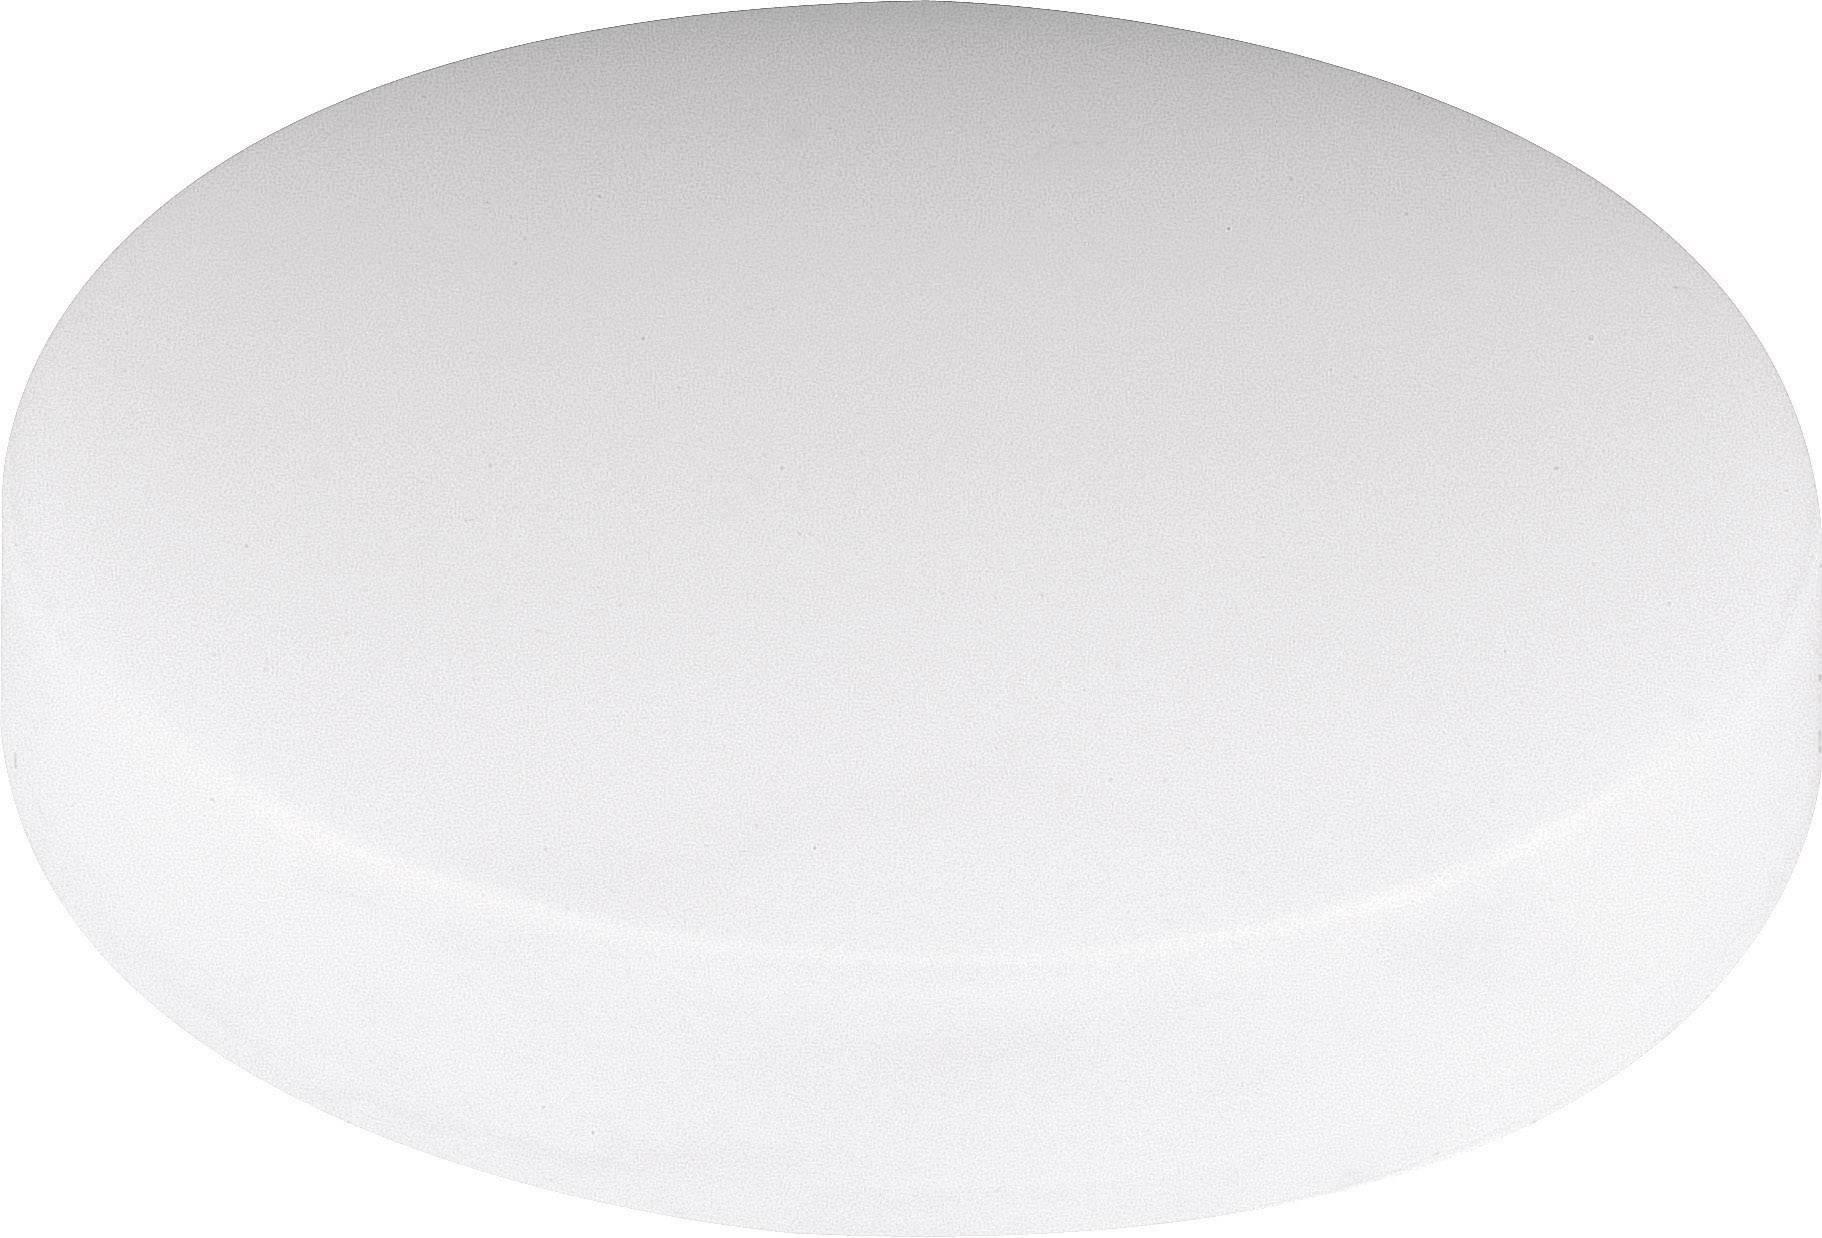 Světelná krytka pro reflektor Mentor, 2451.0600, 18 mm, (Ø x v) 19.1 mm x 3 mm, opálová